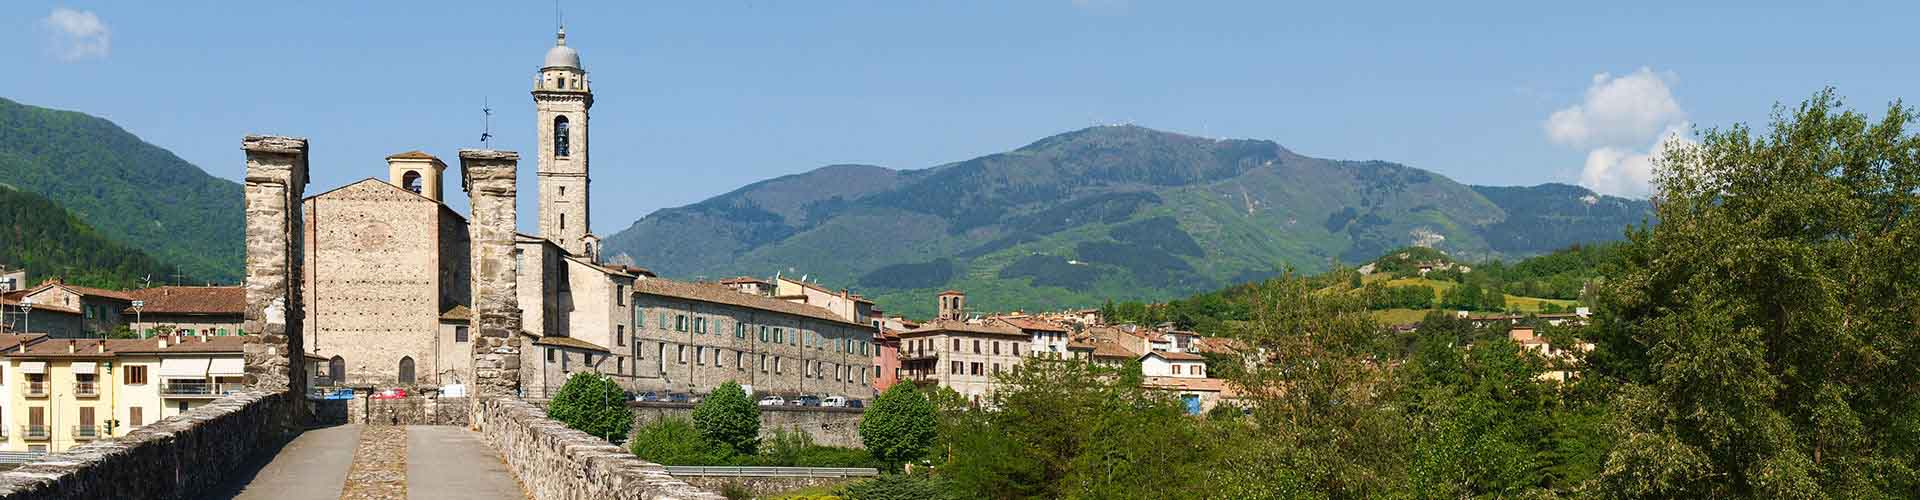 Piacenza – Hostels in Piacenza. Karten für Piacenza. Fotos und Bewertungen für jedes Hostel in Piacenza.